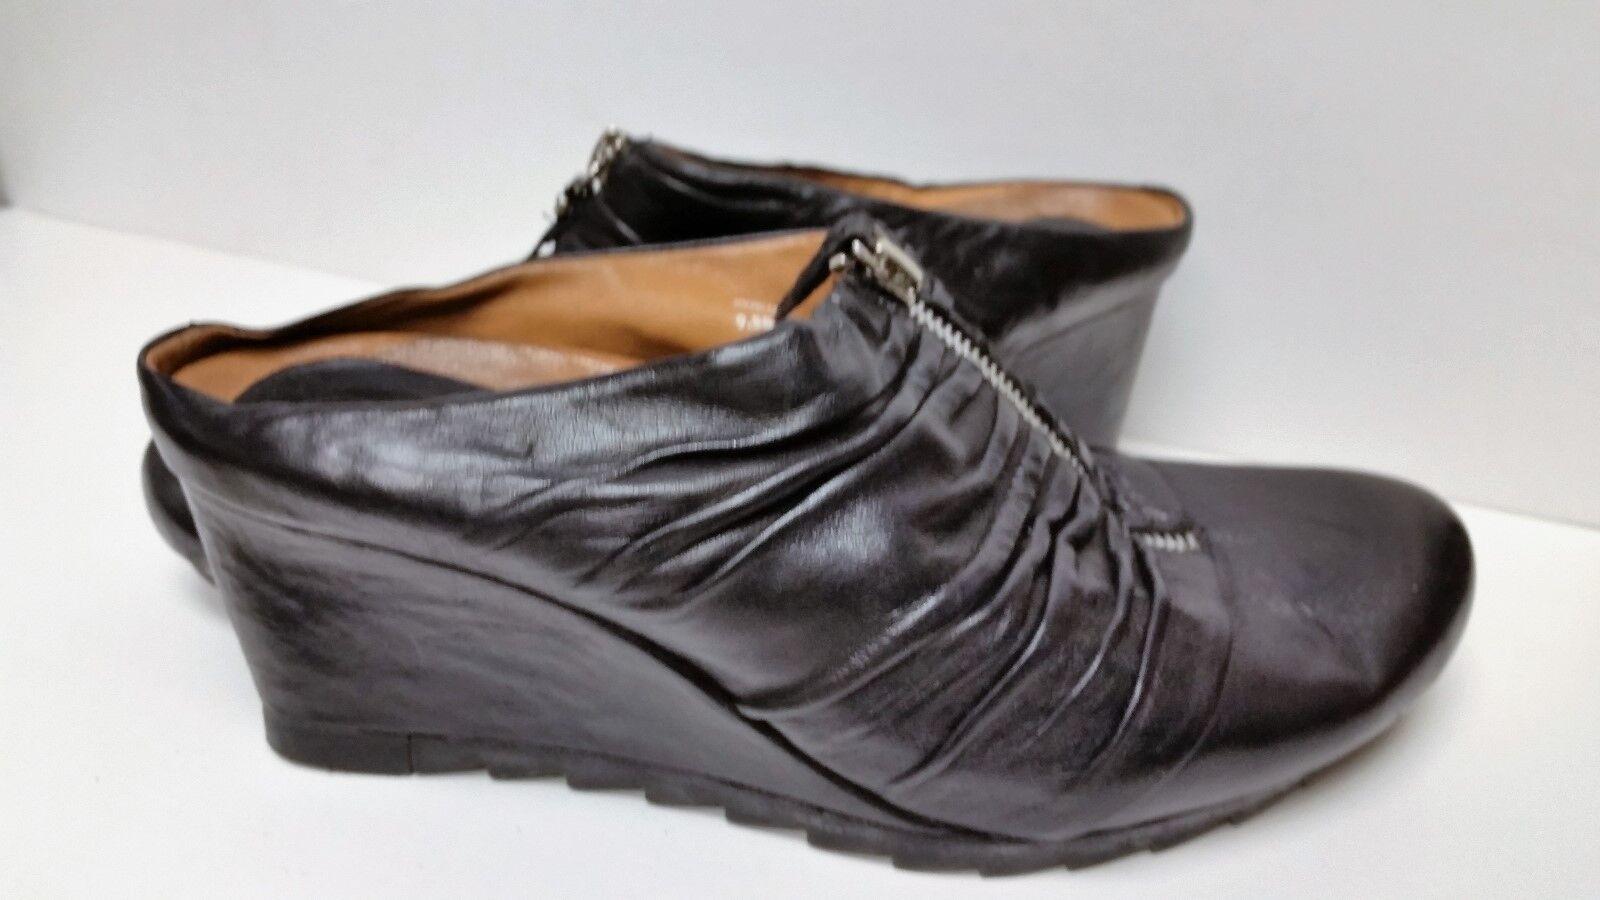 esclusivo Earthies donna US US US 9.5 nero Wedge Heel Soft Leather  CUTE   risparmia fino al 70% di sconto